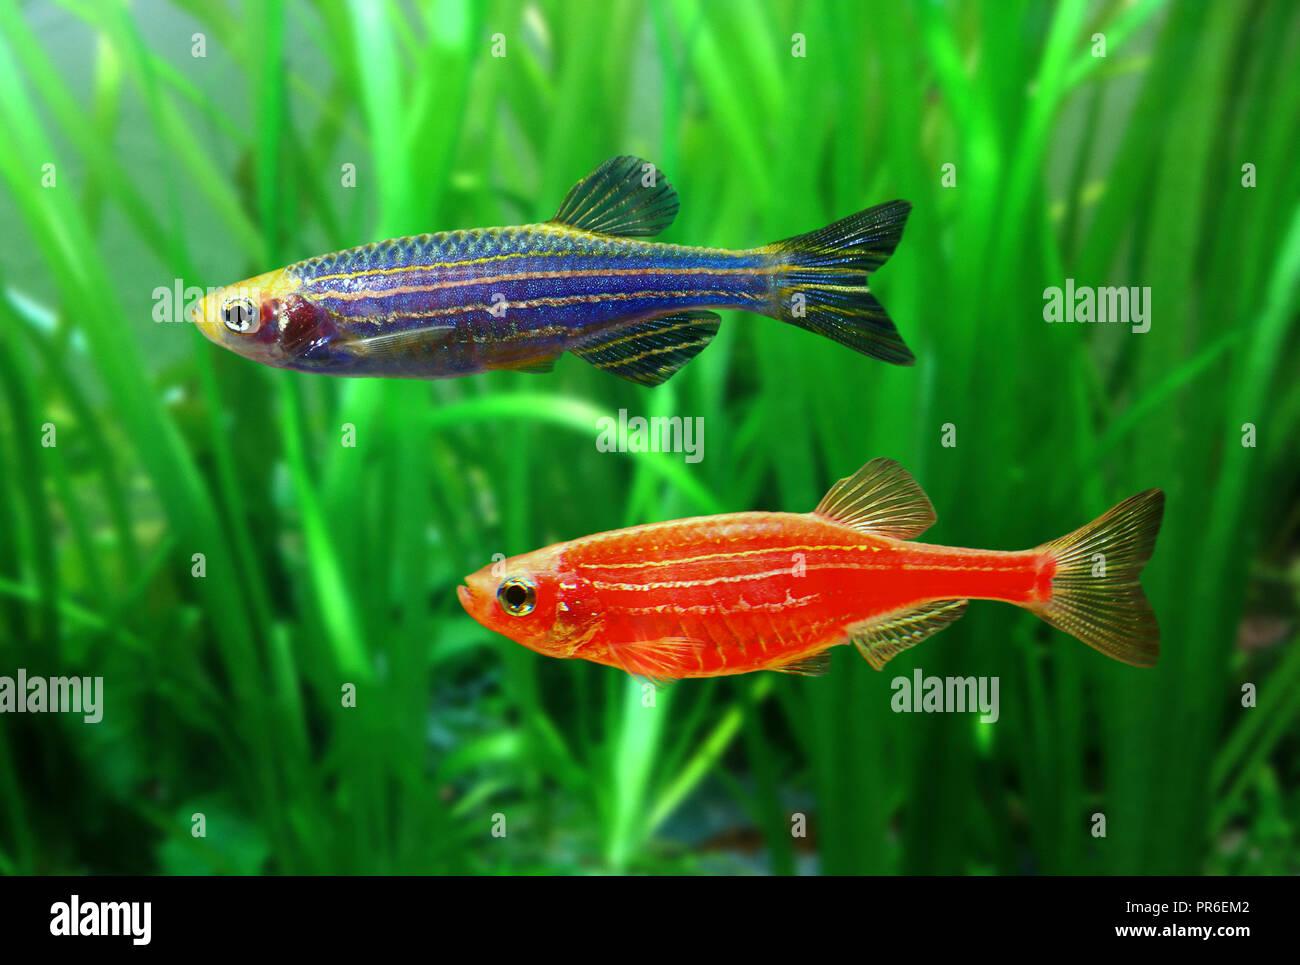 GloFish poisson zèbre, Danio rerio, versions rouge et bleu. Bien que non initialement développé pour le commerce des poissons ornementaux, c'est l'un des premiers Photo Stock